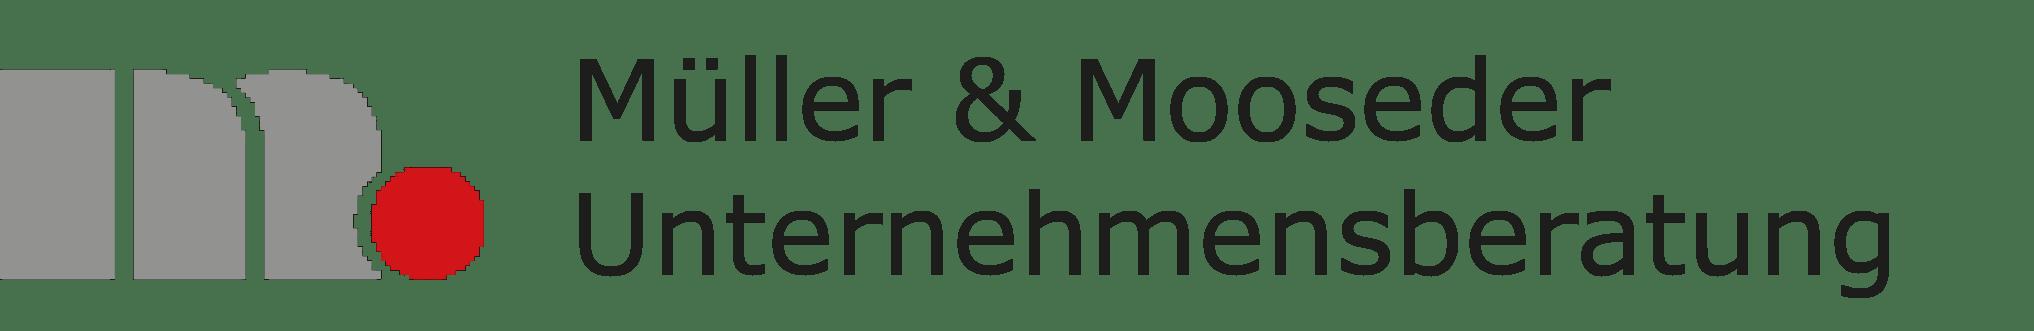 Müller & Mooseder